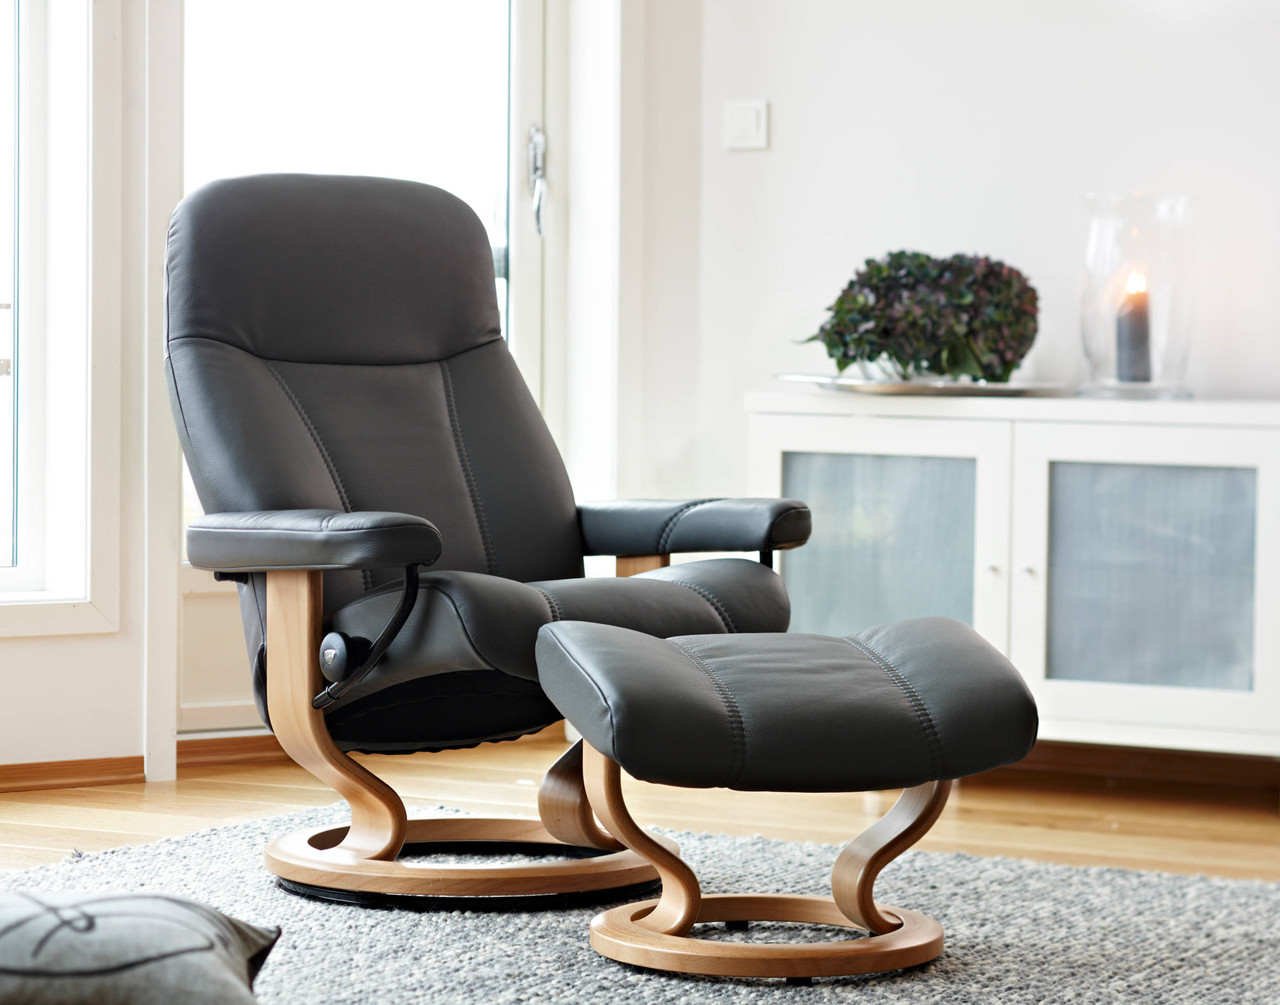 lænestol læder stressless Stressless Garda Lænestol   Hurtig levering lænestol læder stressless